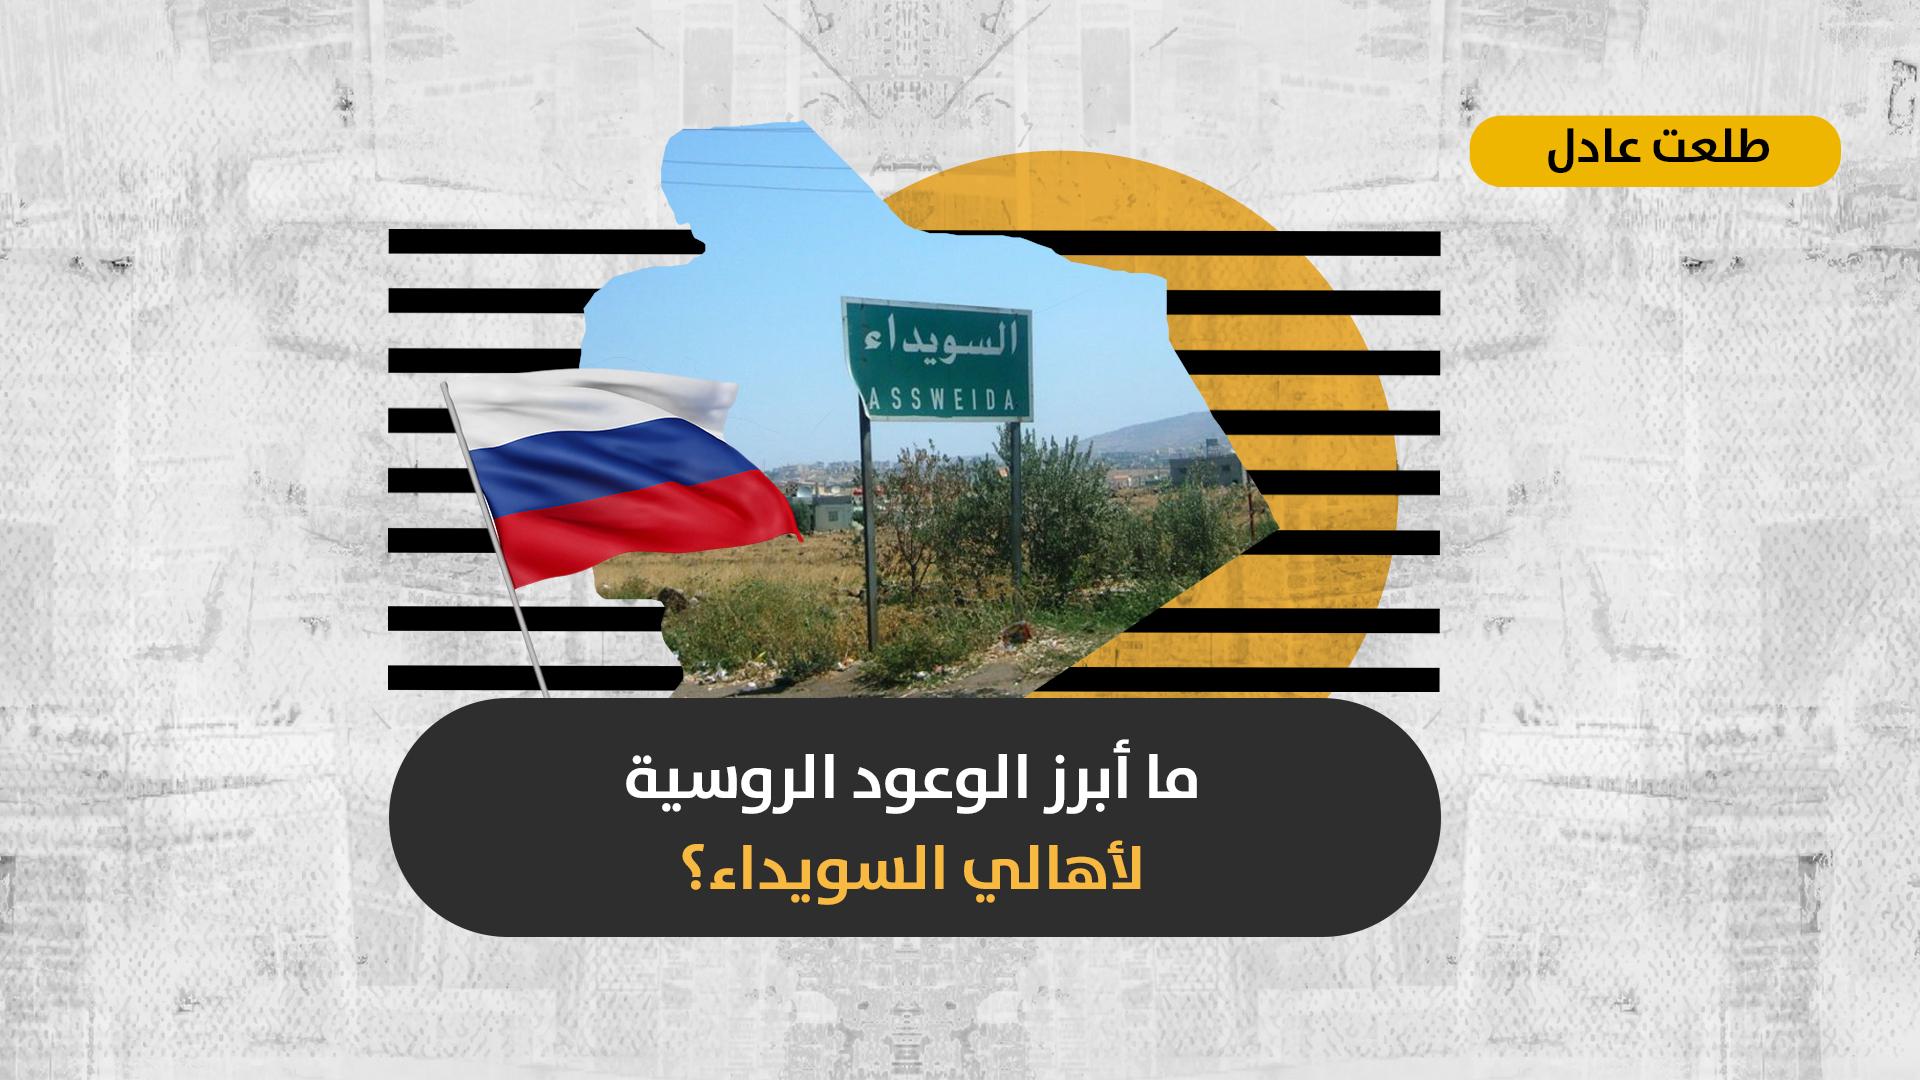 مع اقتراب الانتخابات الرئاسية السورية: هل لدى روسيا ما تقدمه لأهالي السويداء لكسب ولائهم؟